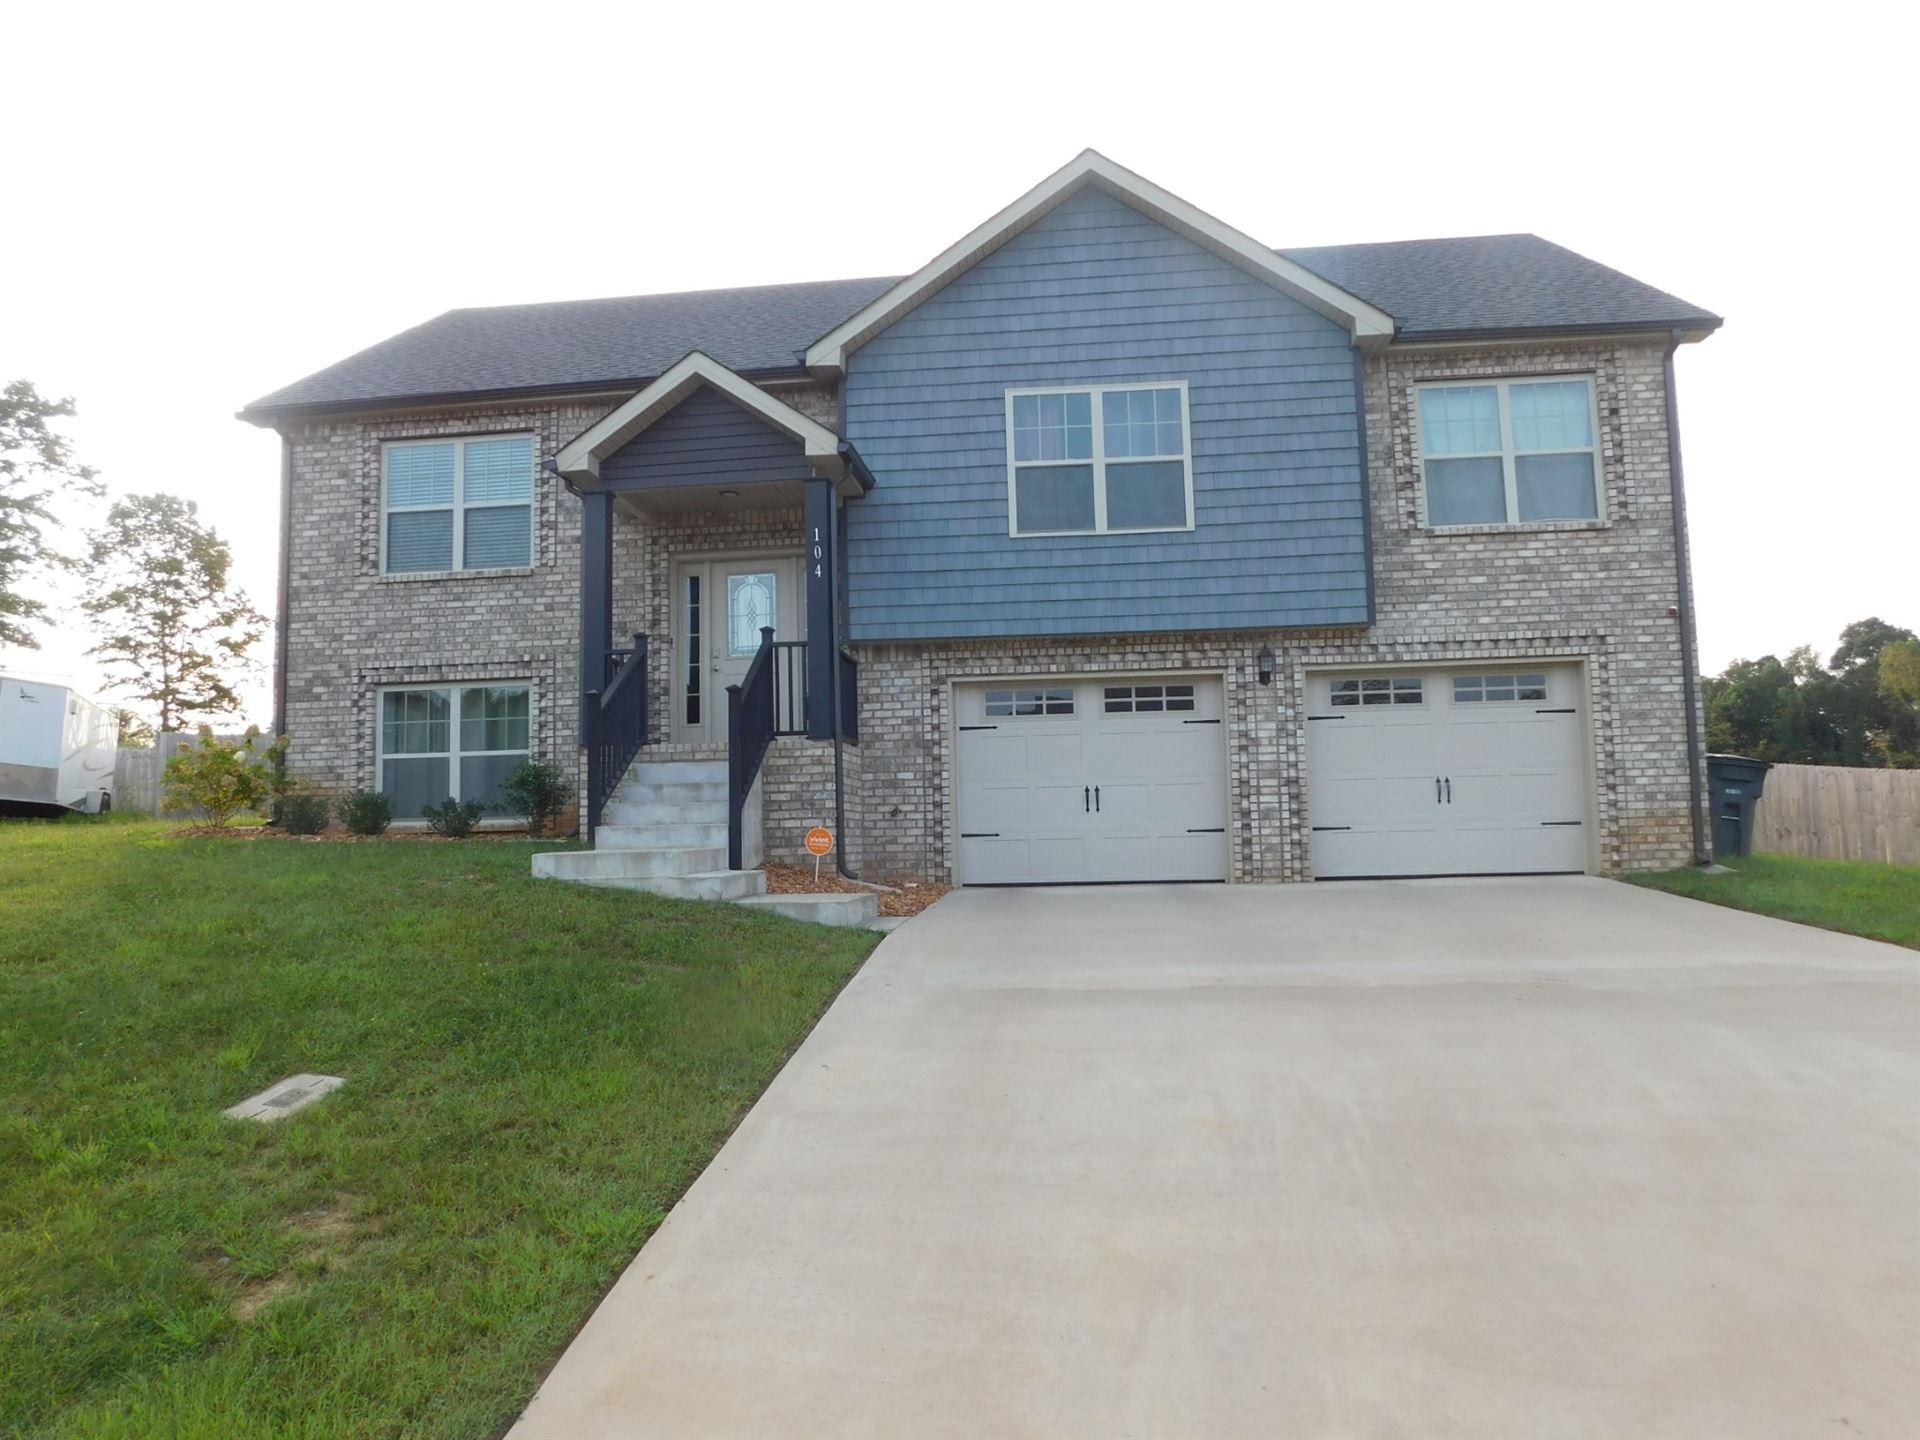 104 Sophie Ann Ct, Clarksville, TN 37042 - MLS#: 2189739